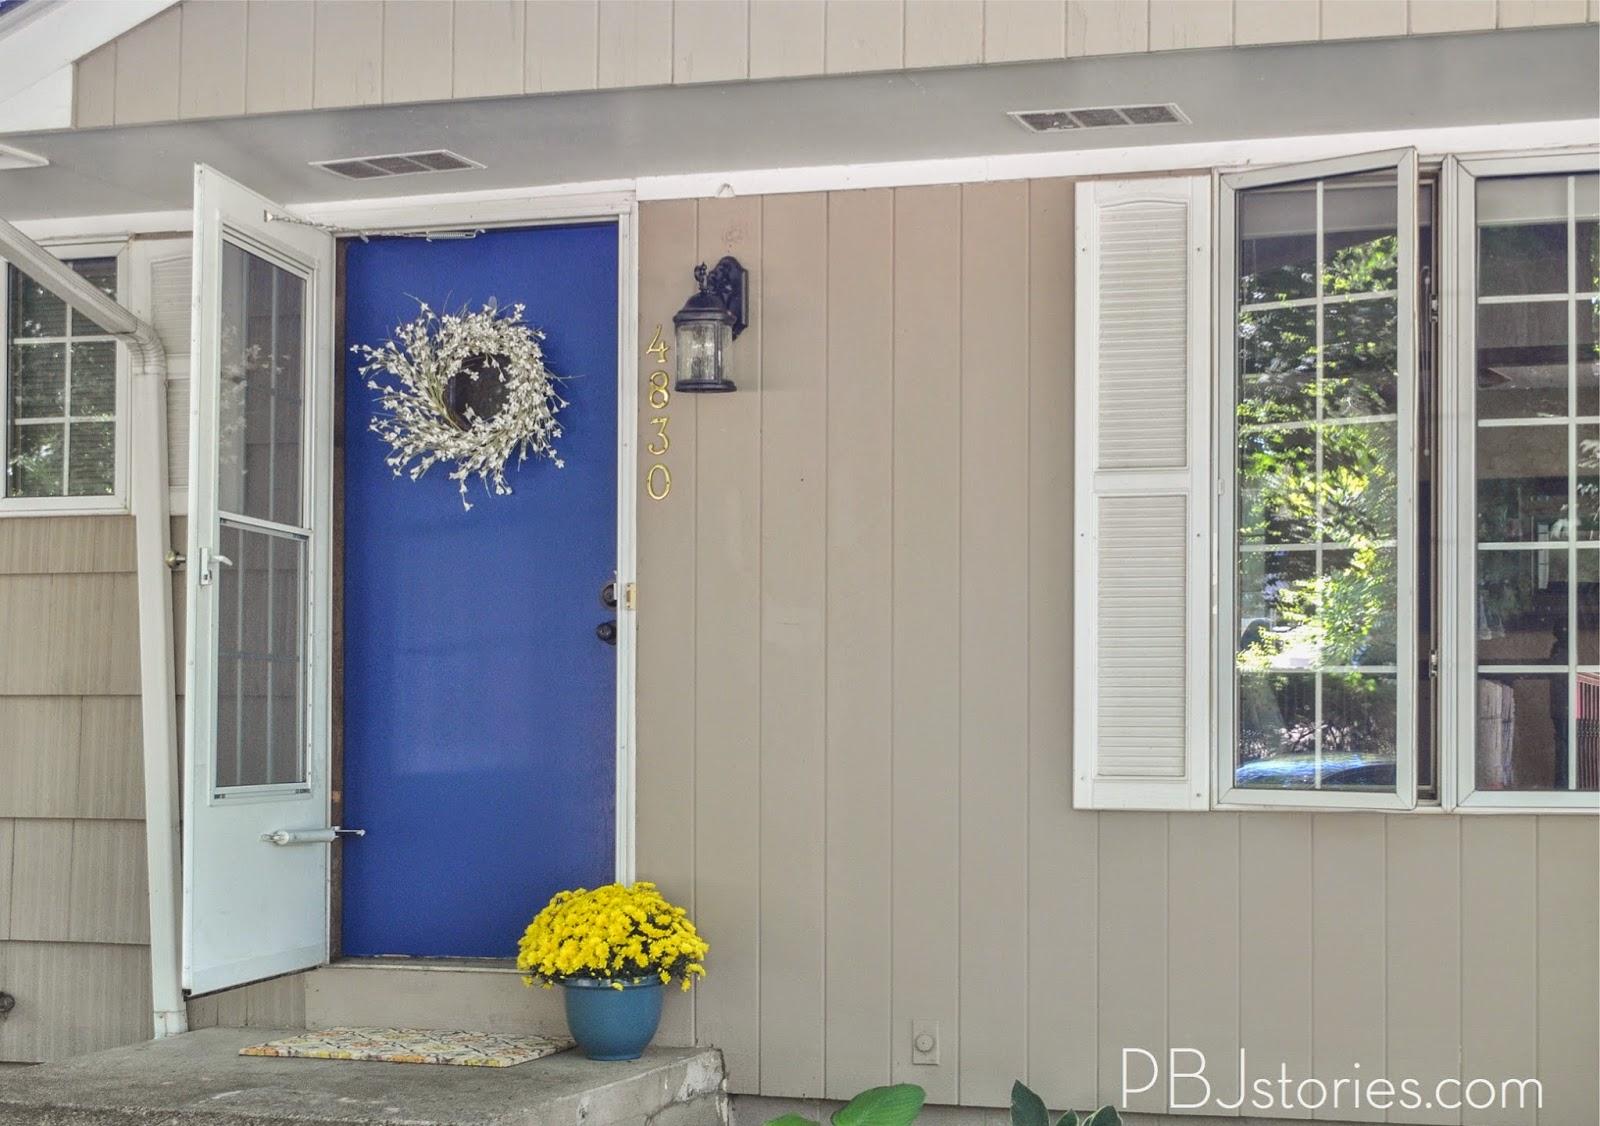 Pictures of front doors with storm doors - Big Downside Of Living In The Mid West Storm Doors Cover Your Pretty Front Door